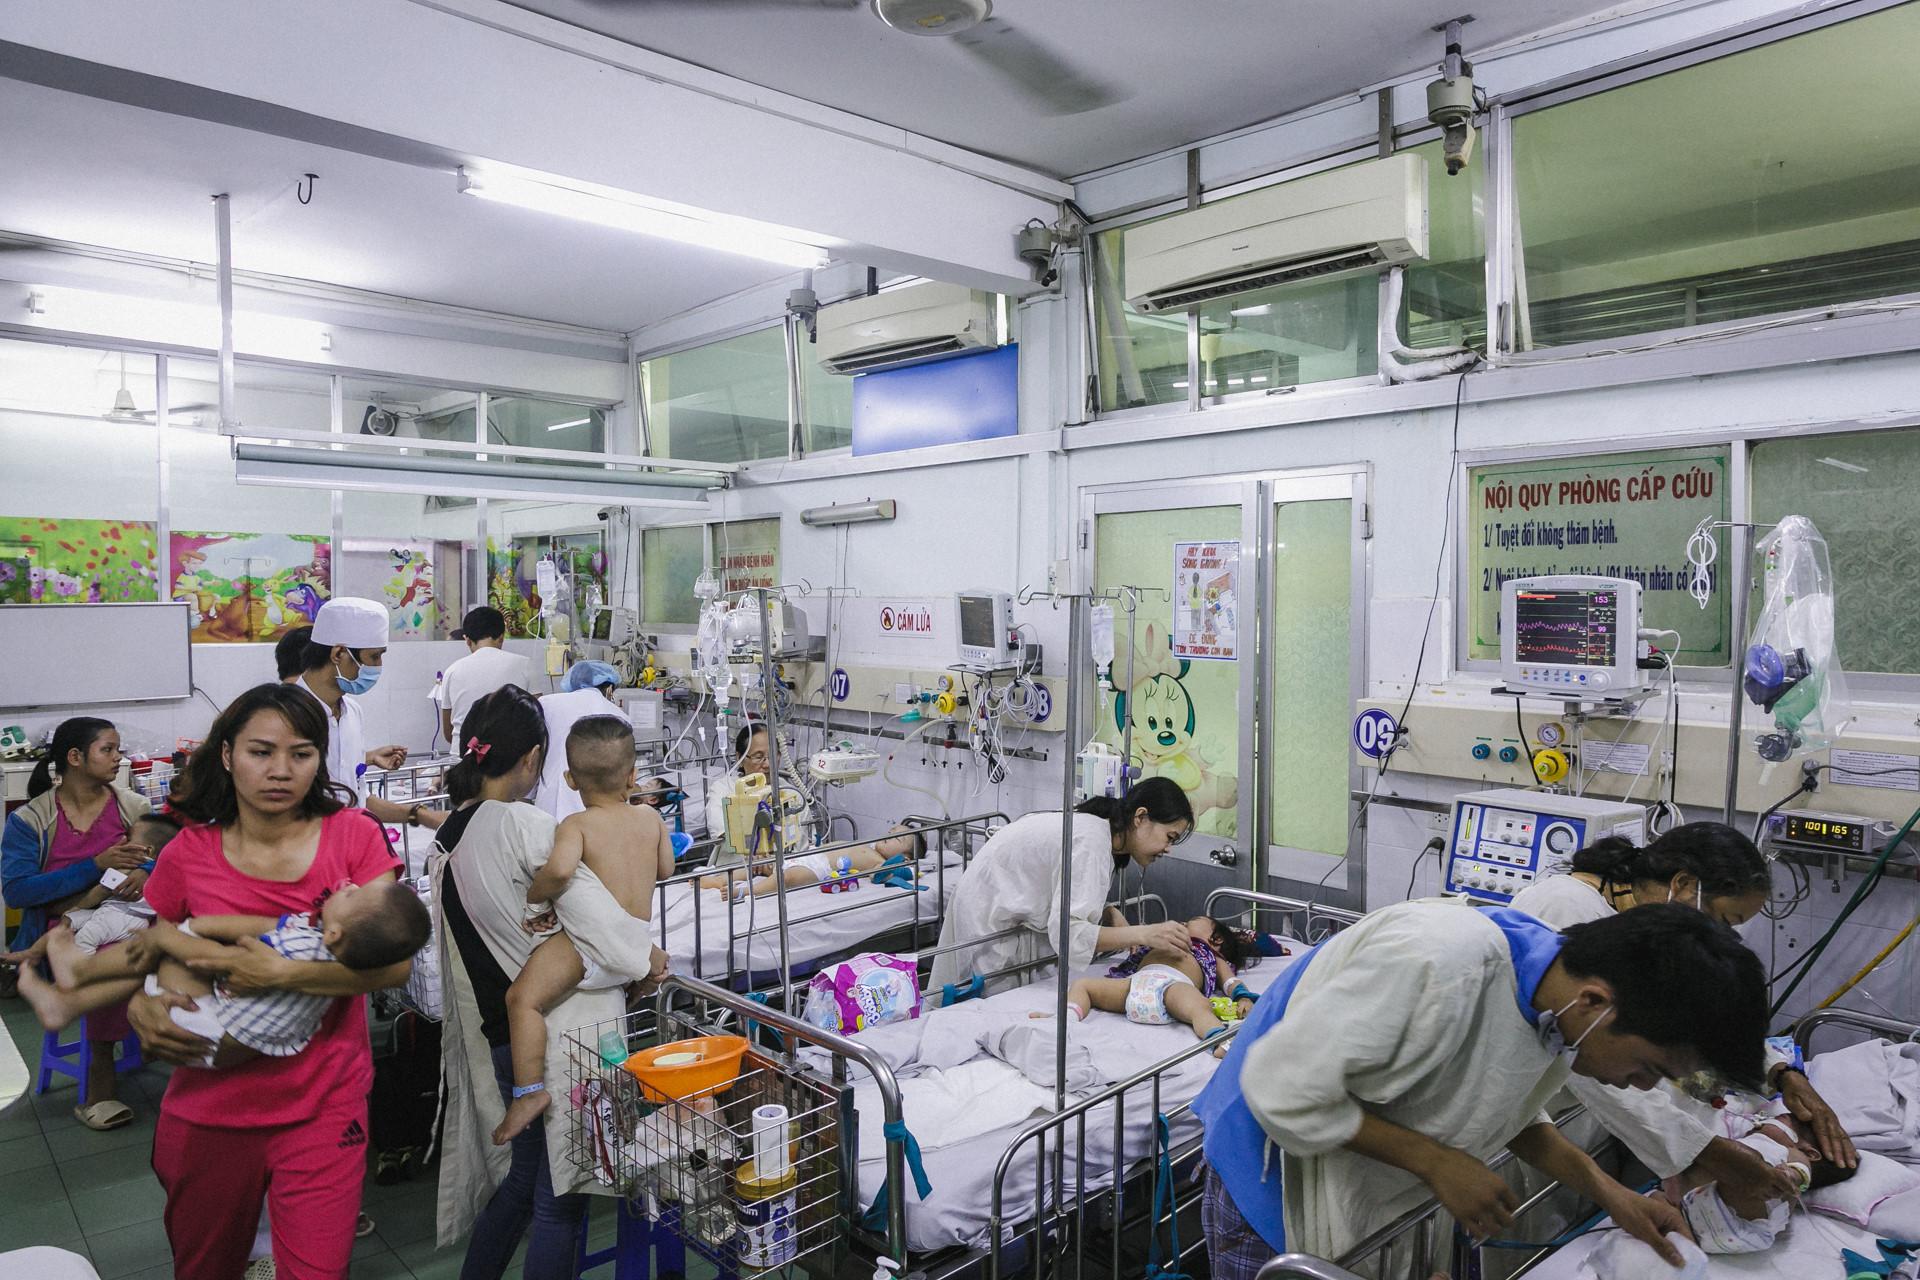 Bệnh viện Nhi ở Sài Gòn vỡ trận vì dịch chồng dịch-1